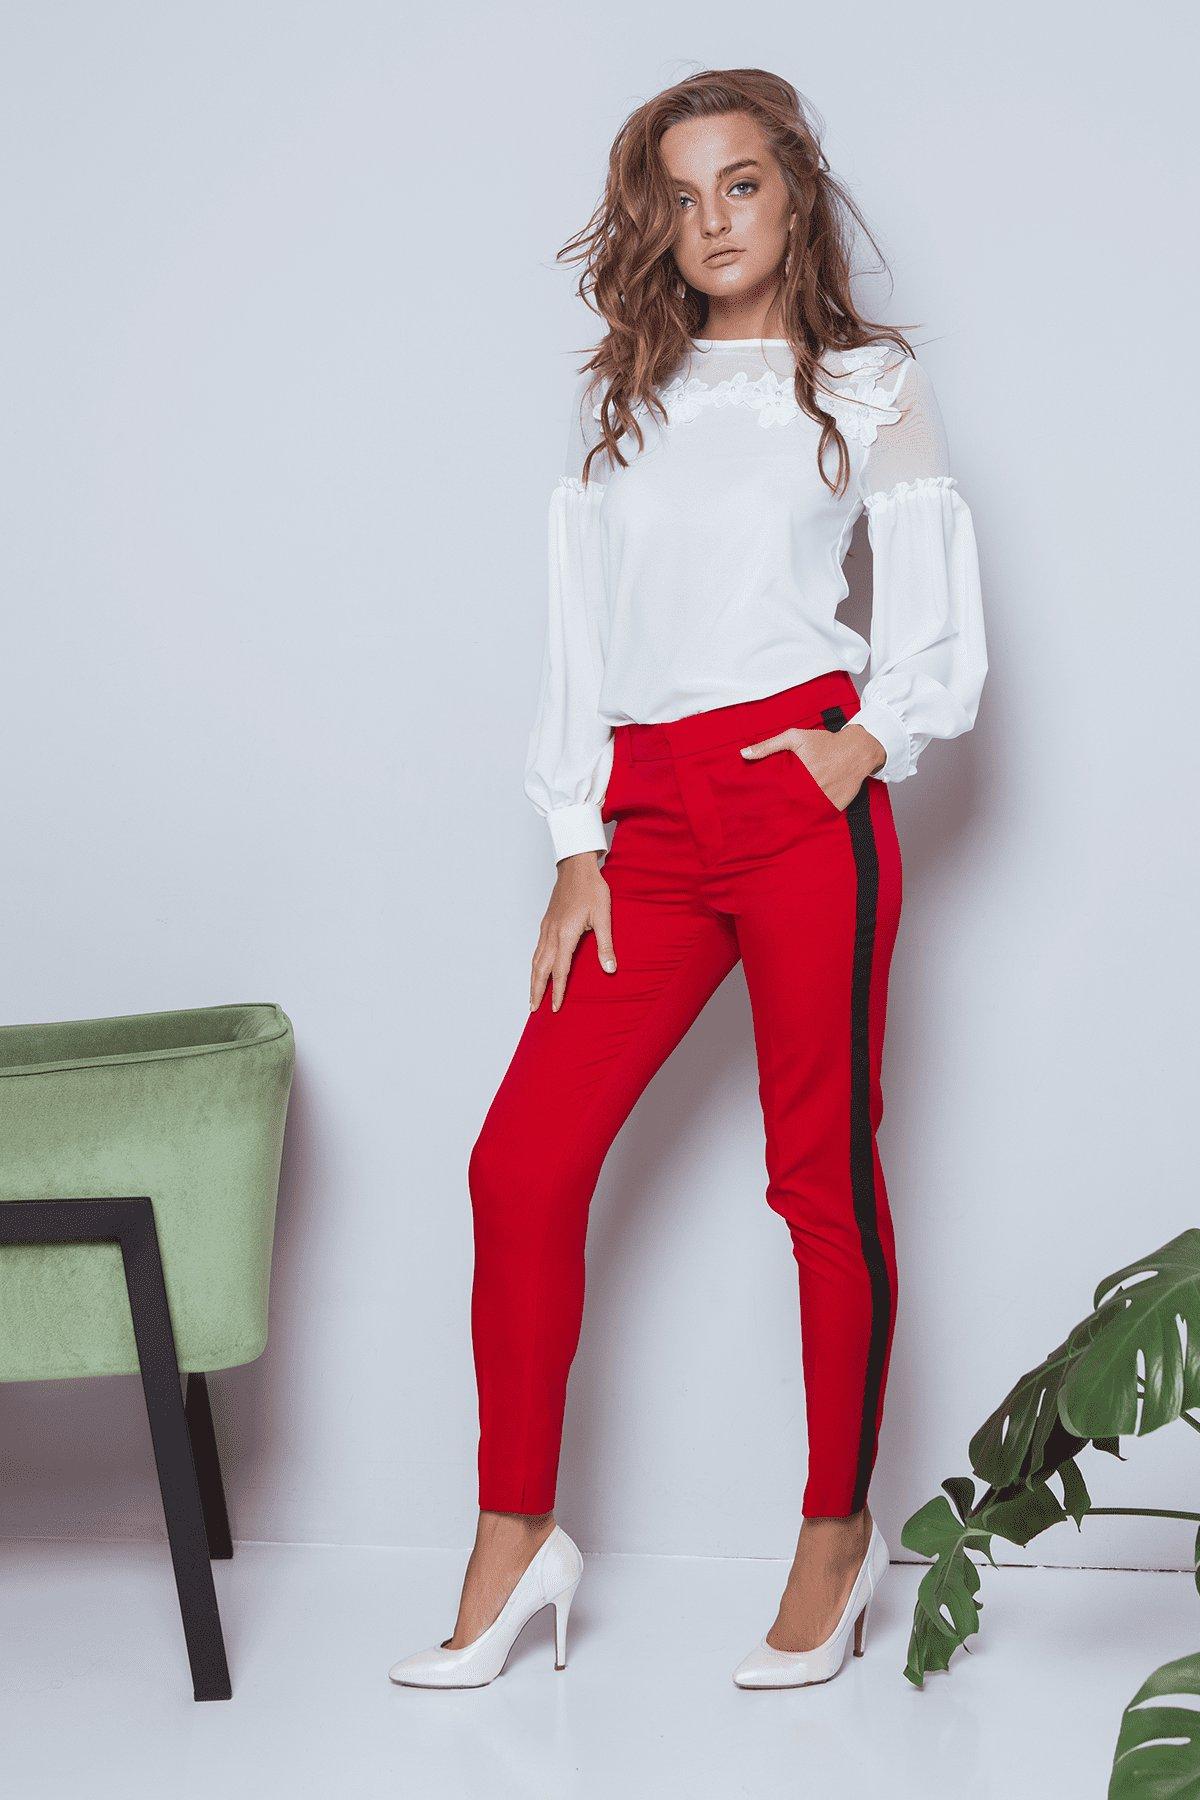 Брюки Макеба 3247 АРТ. 16723 Цвет: Красный/черный - фото 4, интернет магазин tm-modus.ru